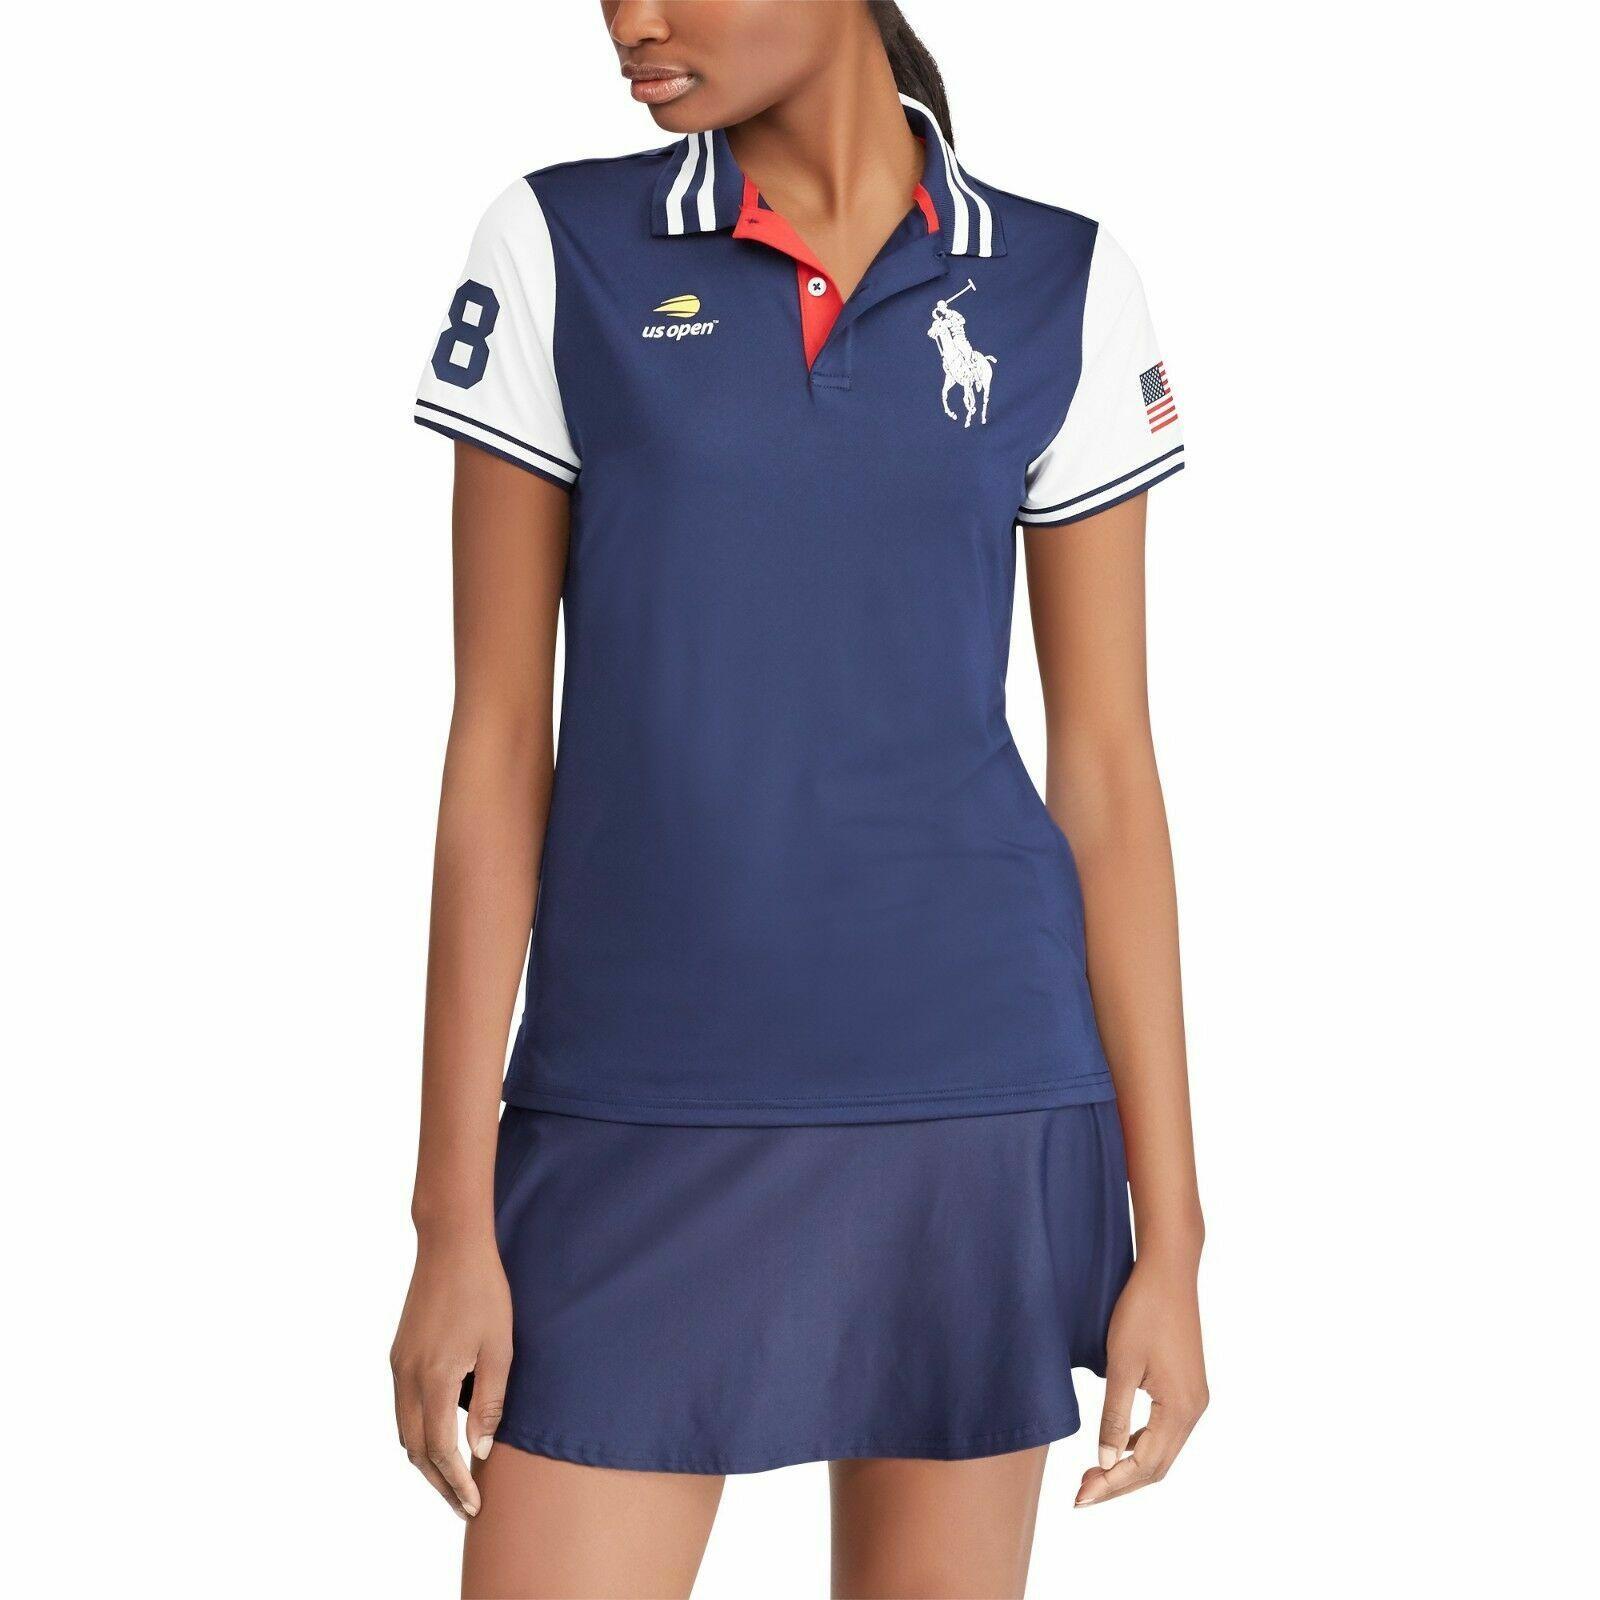 Polo Ralph Lauren Woherren US Open Ball Girl Polo Shirt Navy MSRP